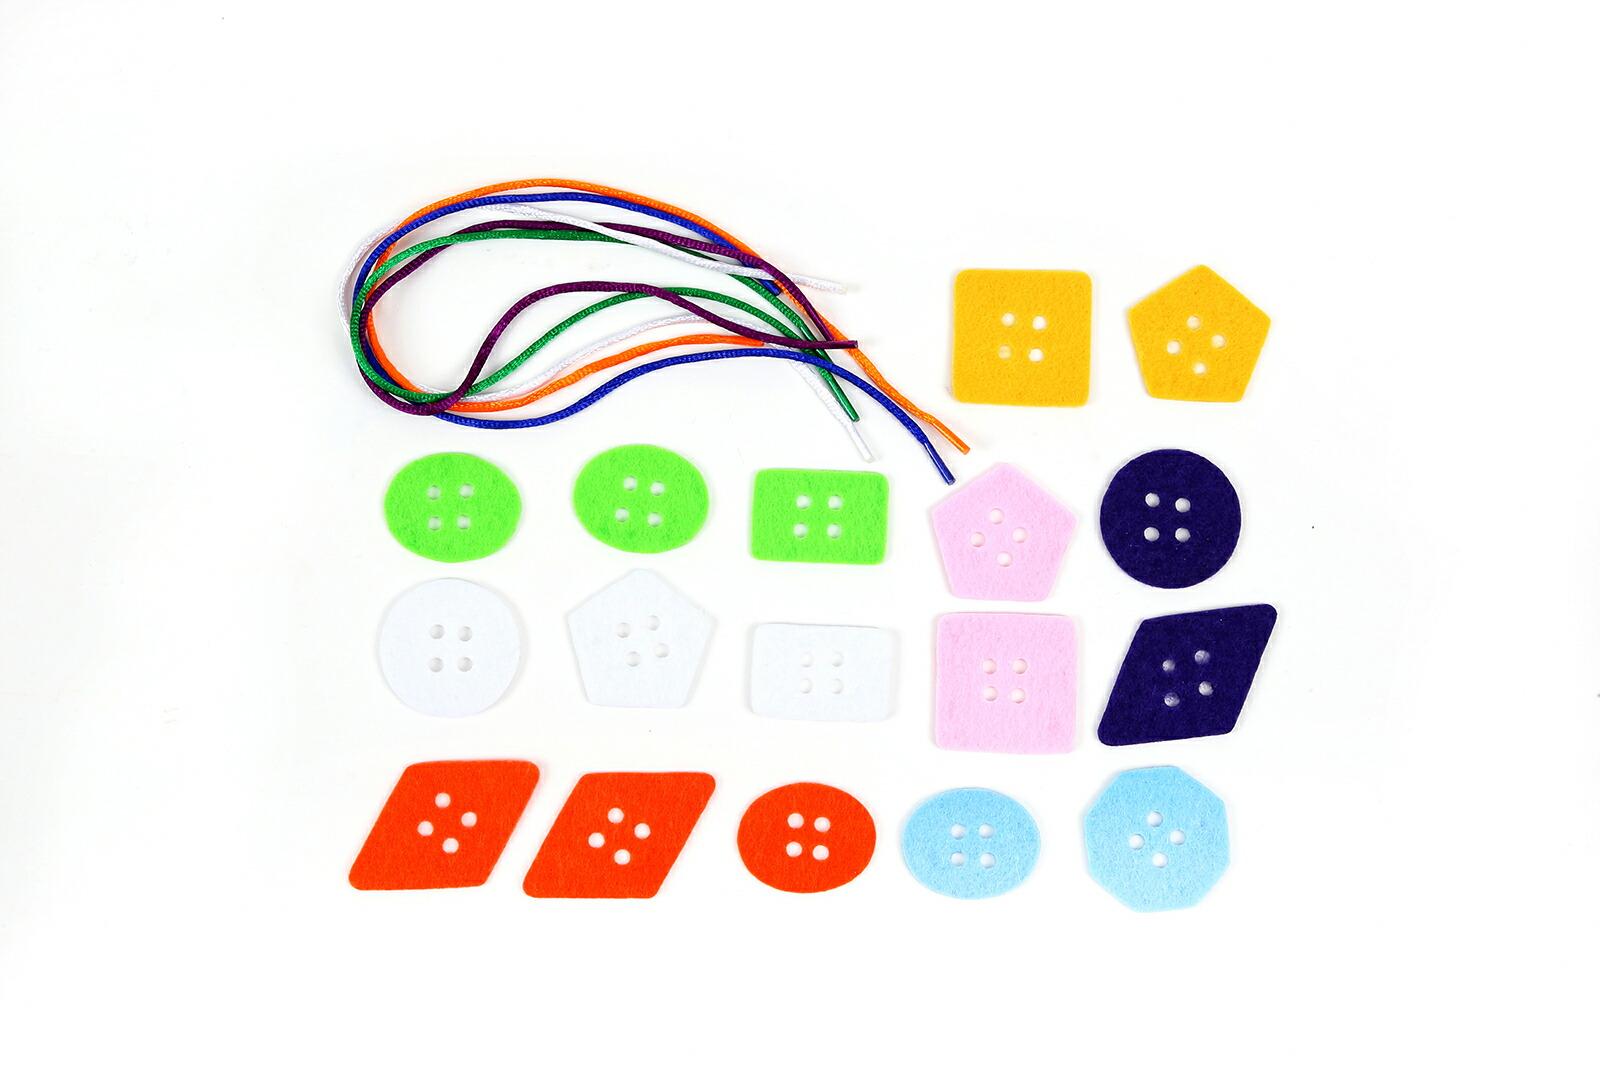 ●●フェルト教材 ボタンひもとおし練習セット 7種の平面図形の17種のボタン●●